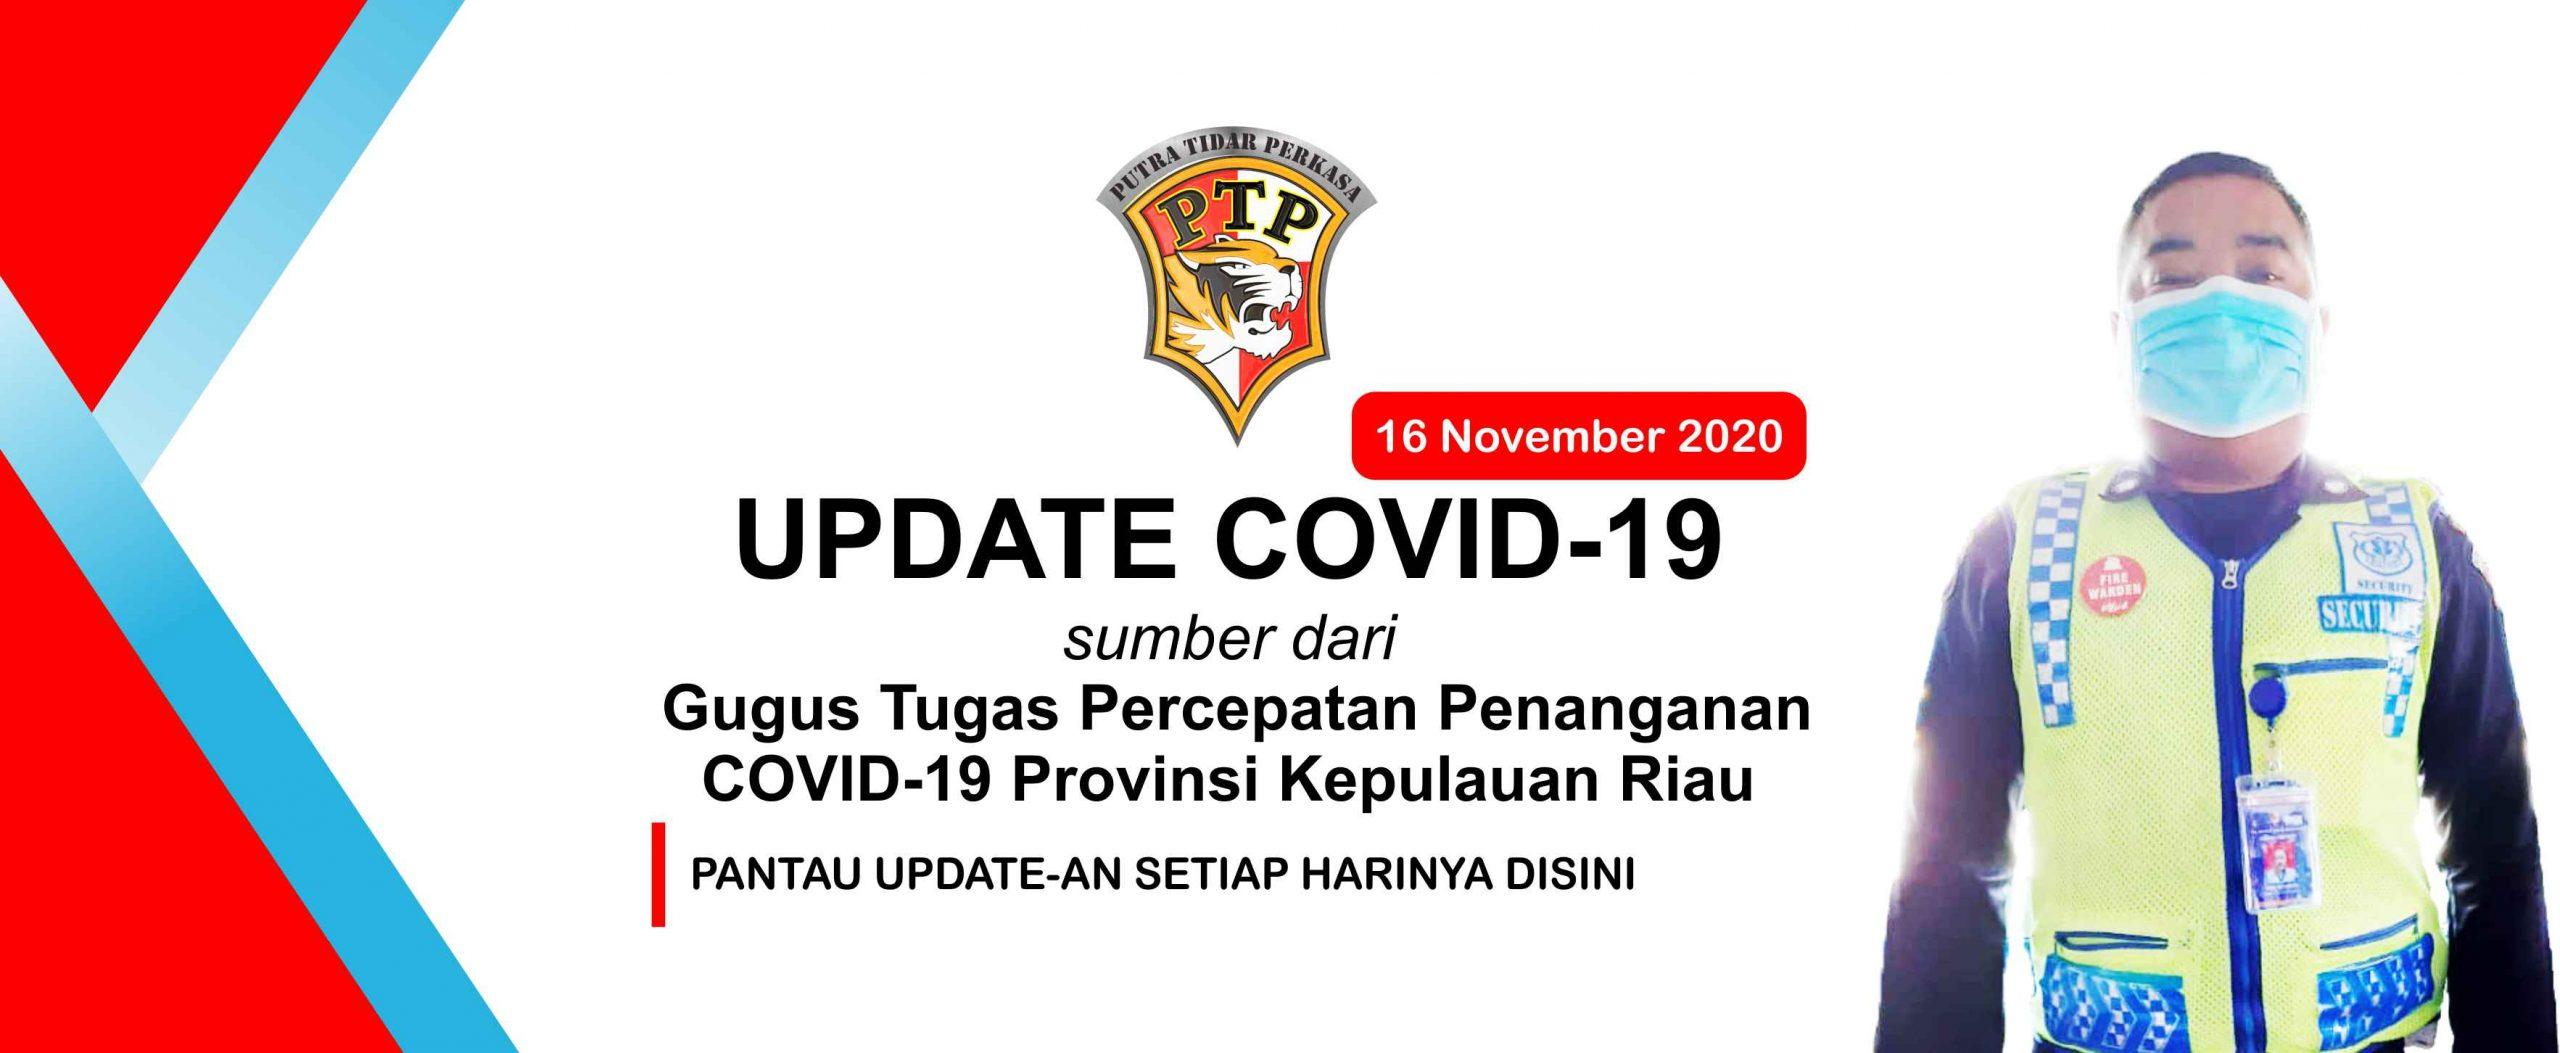 Update Corona 16 November 2020 di Kepri: 5 Kasus Aktif Bertambah dari Tanjung Pinang dan Bintan